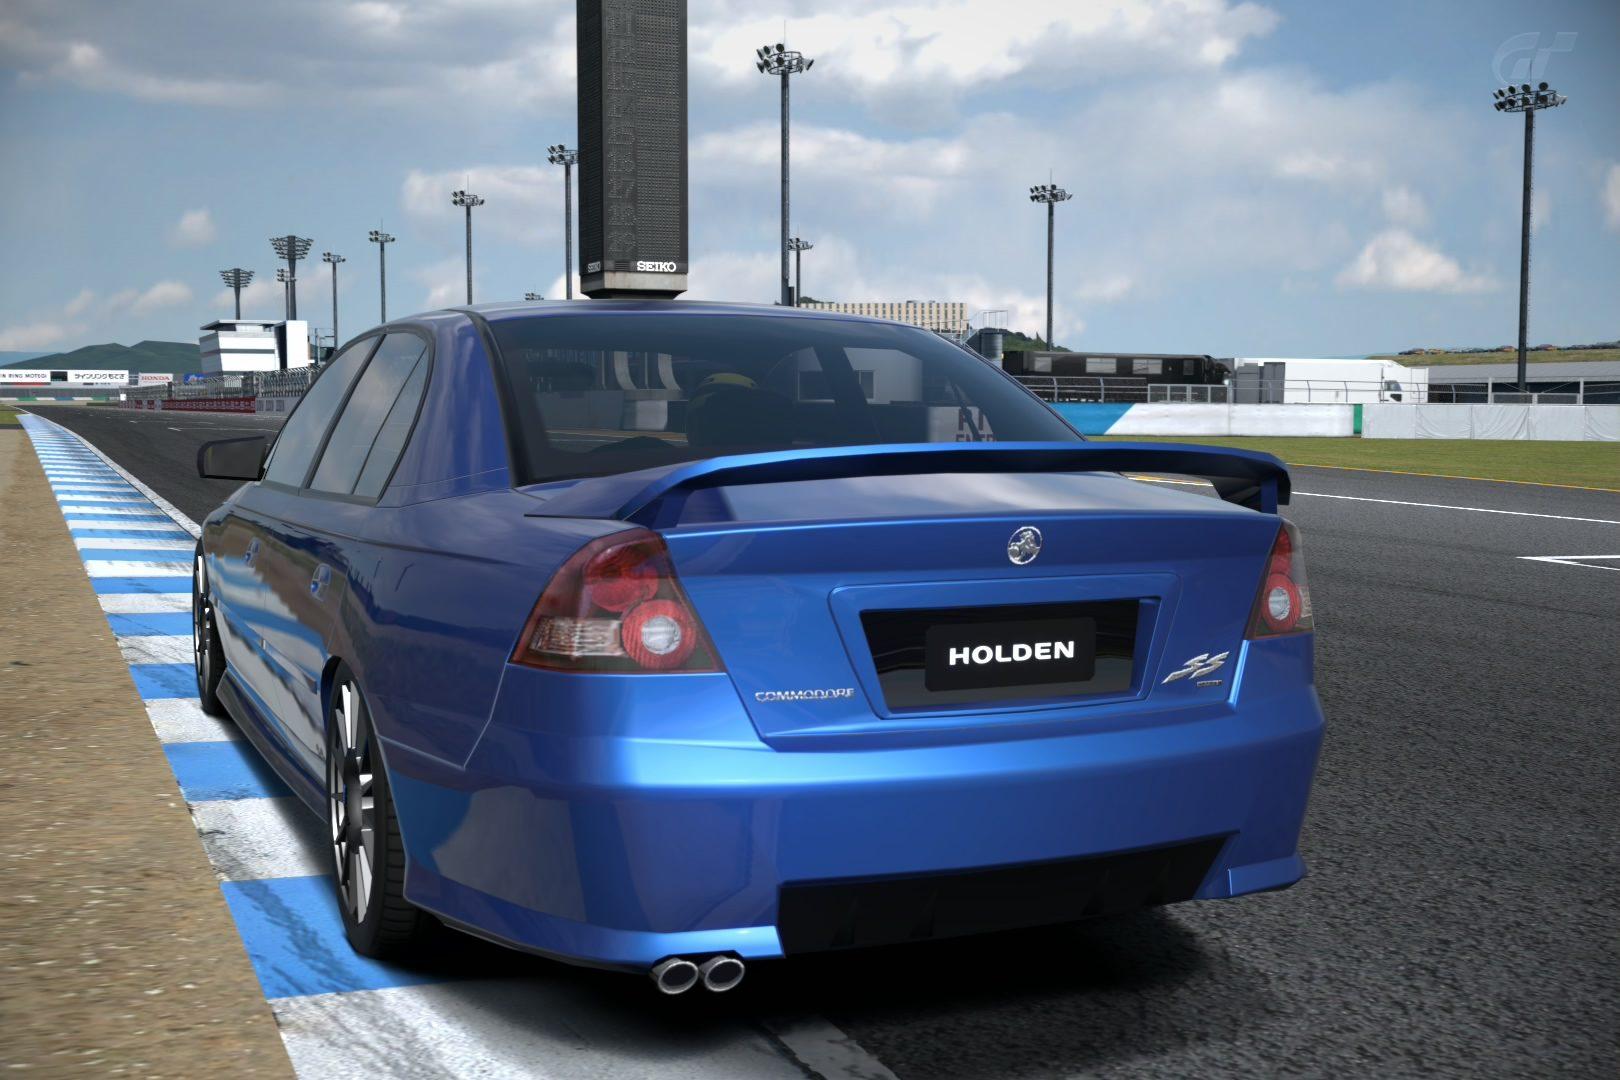 HoldenSSImg6.jpg